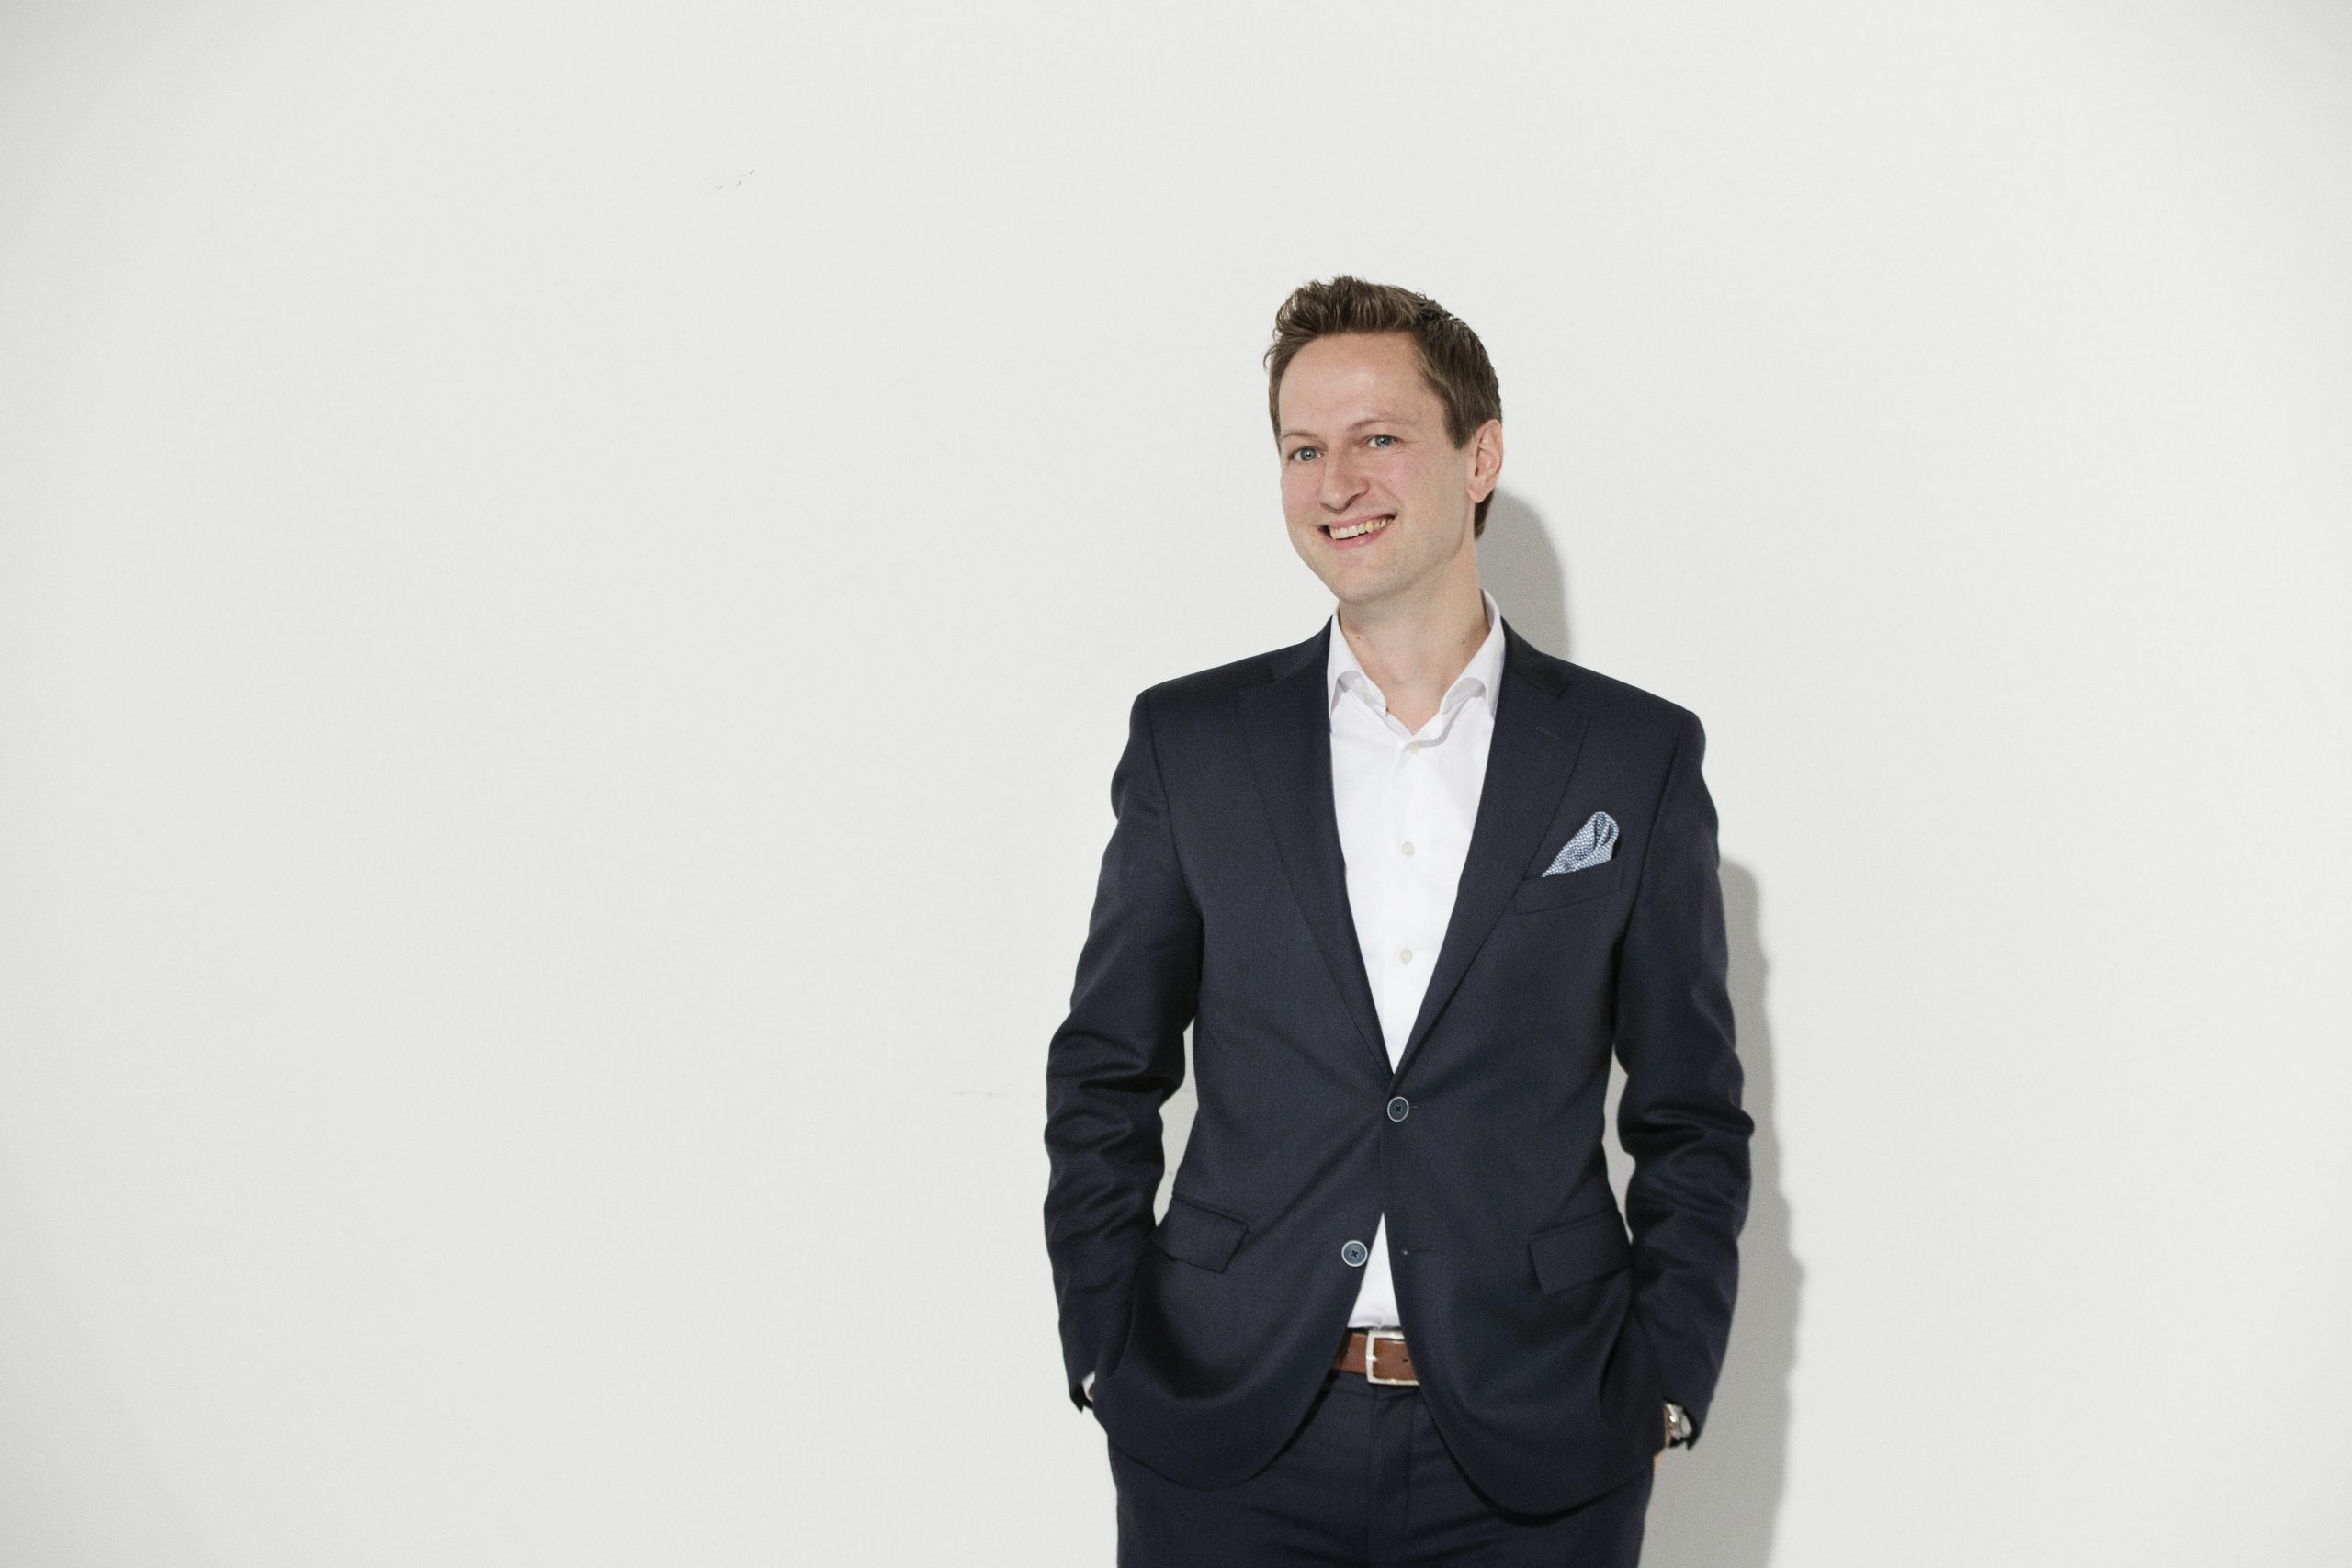 Med titel af Senior Vice President hos Clarion i Nordic Choice Hotels var Christen Bagger en af de højest placerede danskere i en international hotelgruppe. Forleden fik han at vide, at han ikke var en del af koncernens fremtidsplaner. Arkivfoto: Nordic Choice Hotels.